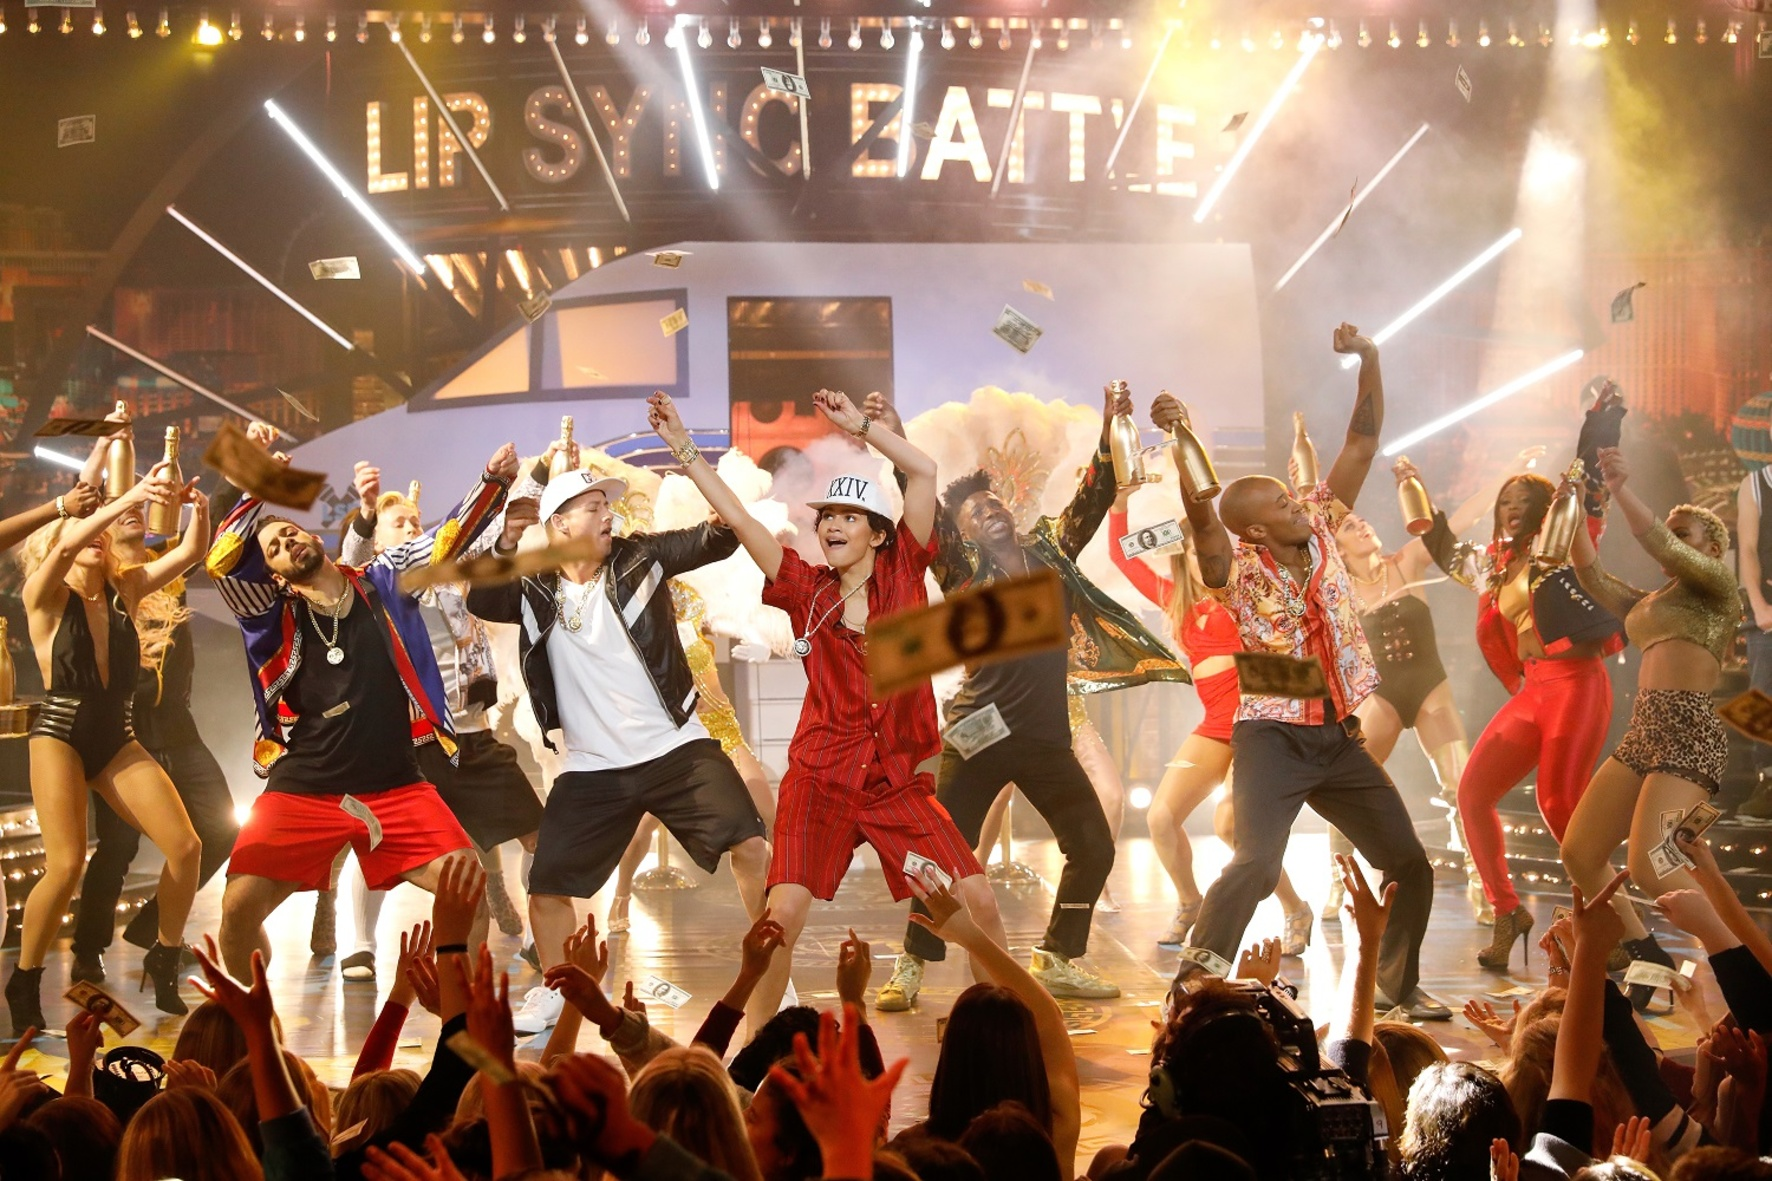 Телеканал «1+1» працює над новим зірковим розважальним шоу «Ліпсінк Батл»